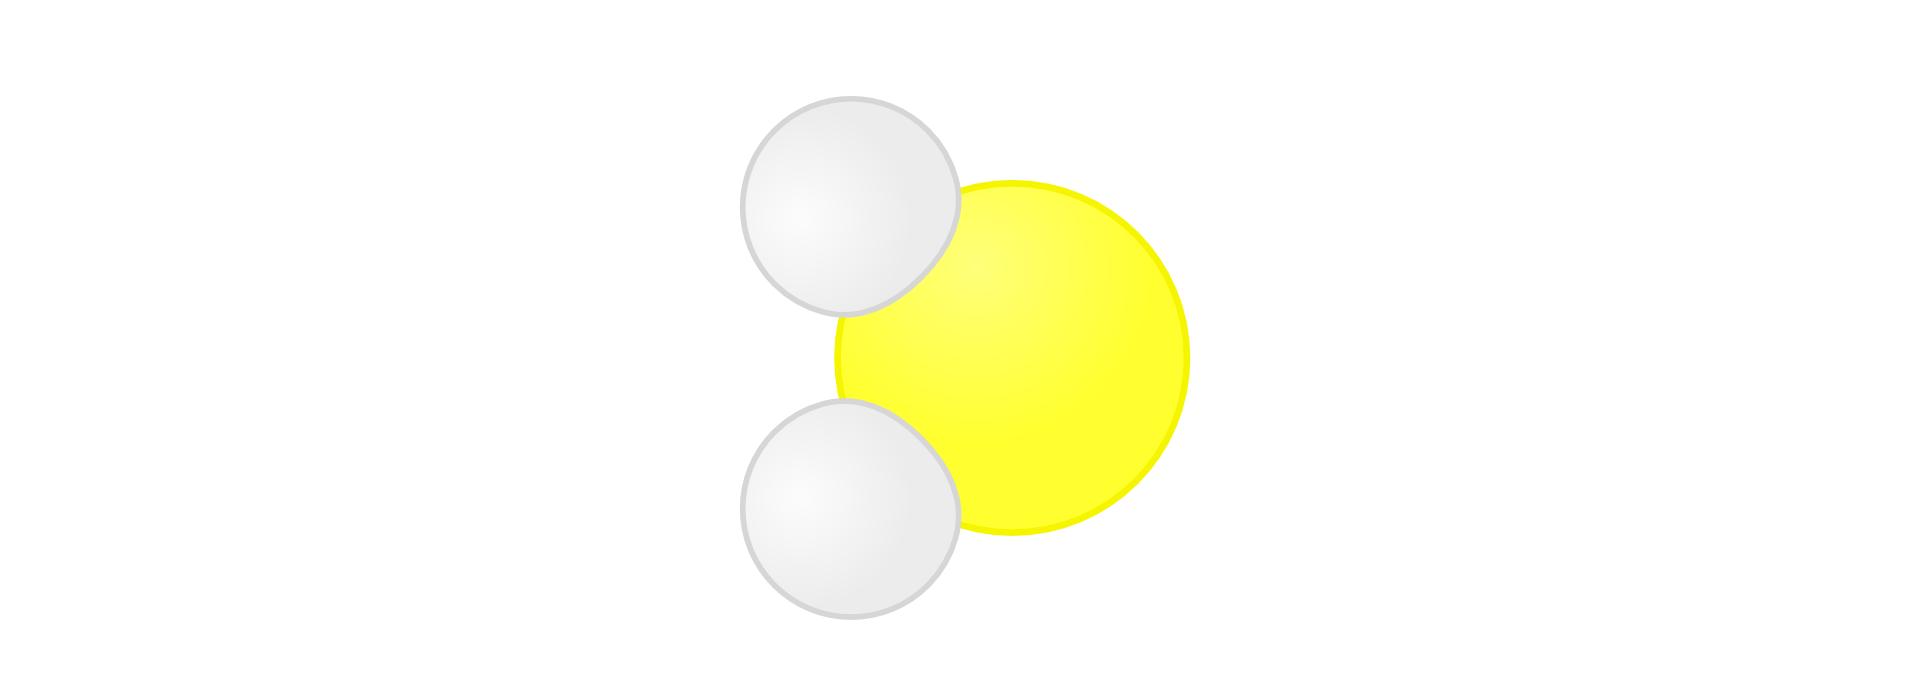 Ilustracja przedstawia model cząsteczki siarkowodoru składającej się zdwóch atomów wodoru symbolizowanych małymi białymi kołami ustawionymi jedno nad drugim po lewej stronie obrazka oraz połączonego znimi atomu siarki symbolizowanego większym żółtym kołem ustawionego po ich prawej stronie pomiędzy nimi. Cały rysunek przypomina model cząsteczki wody, wktórej atom tlenu zastąpiono atomem siarki.